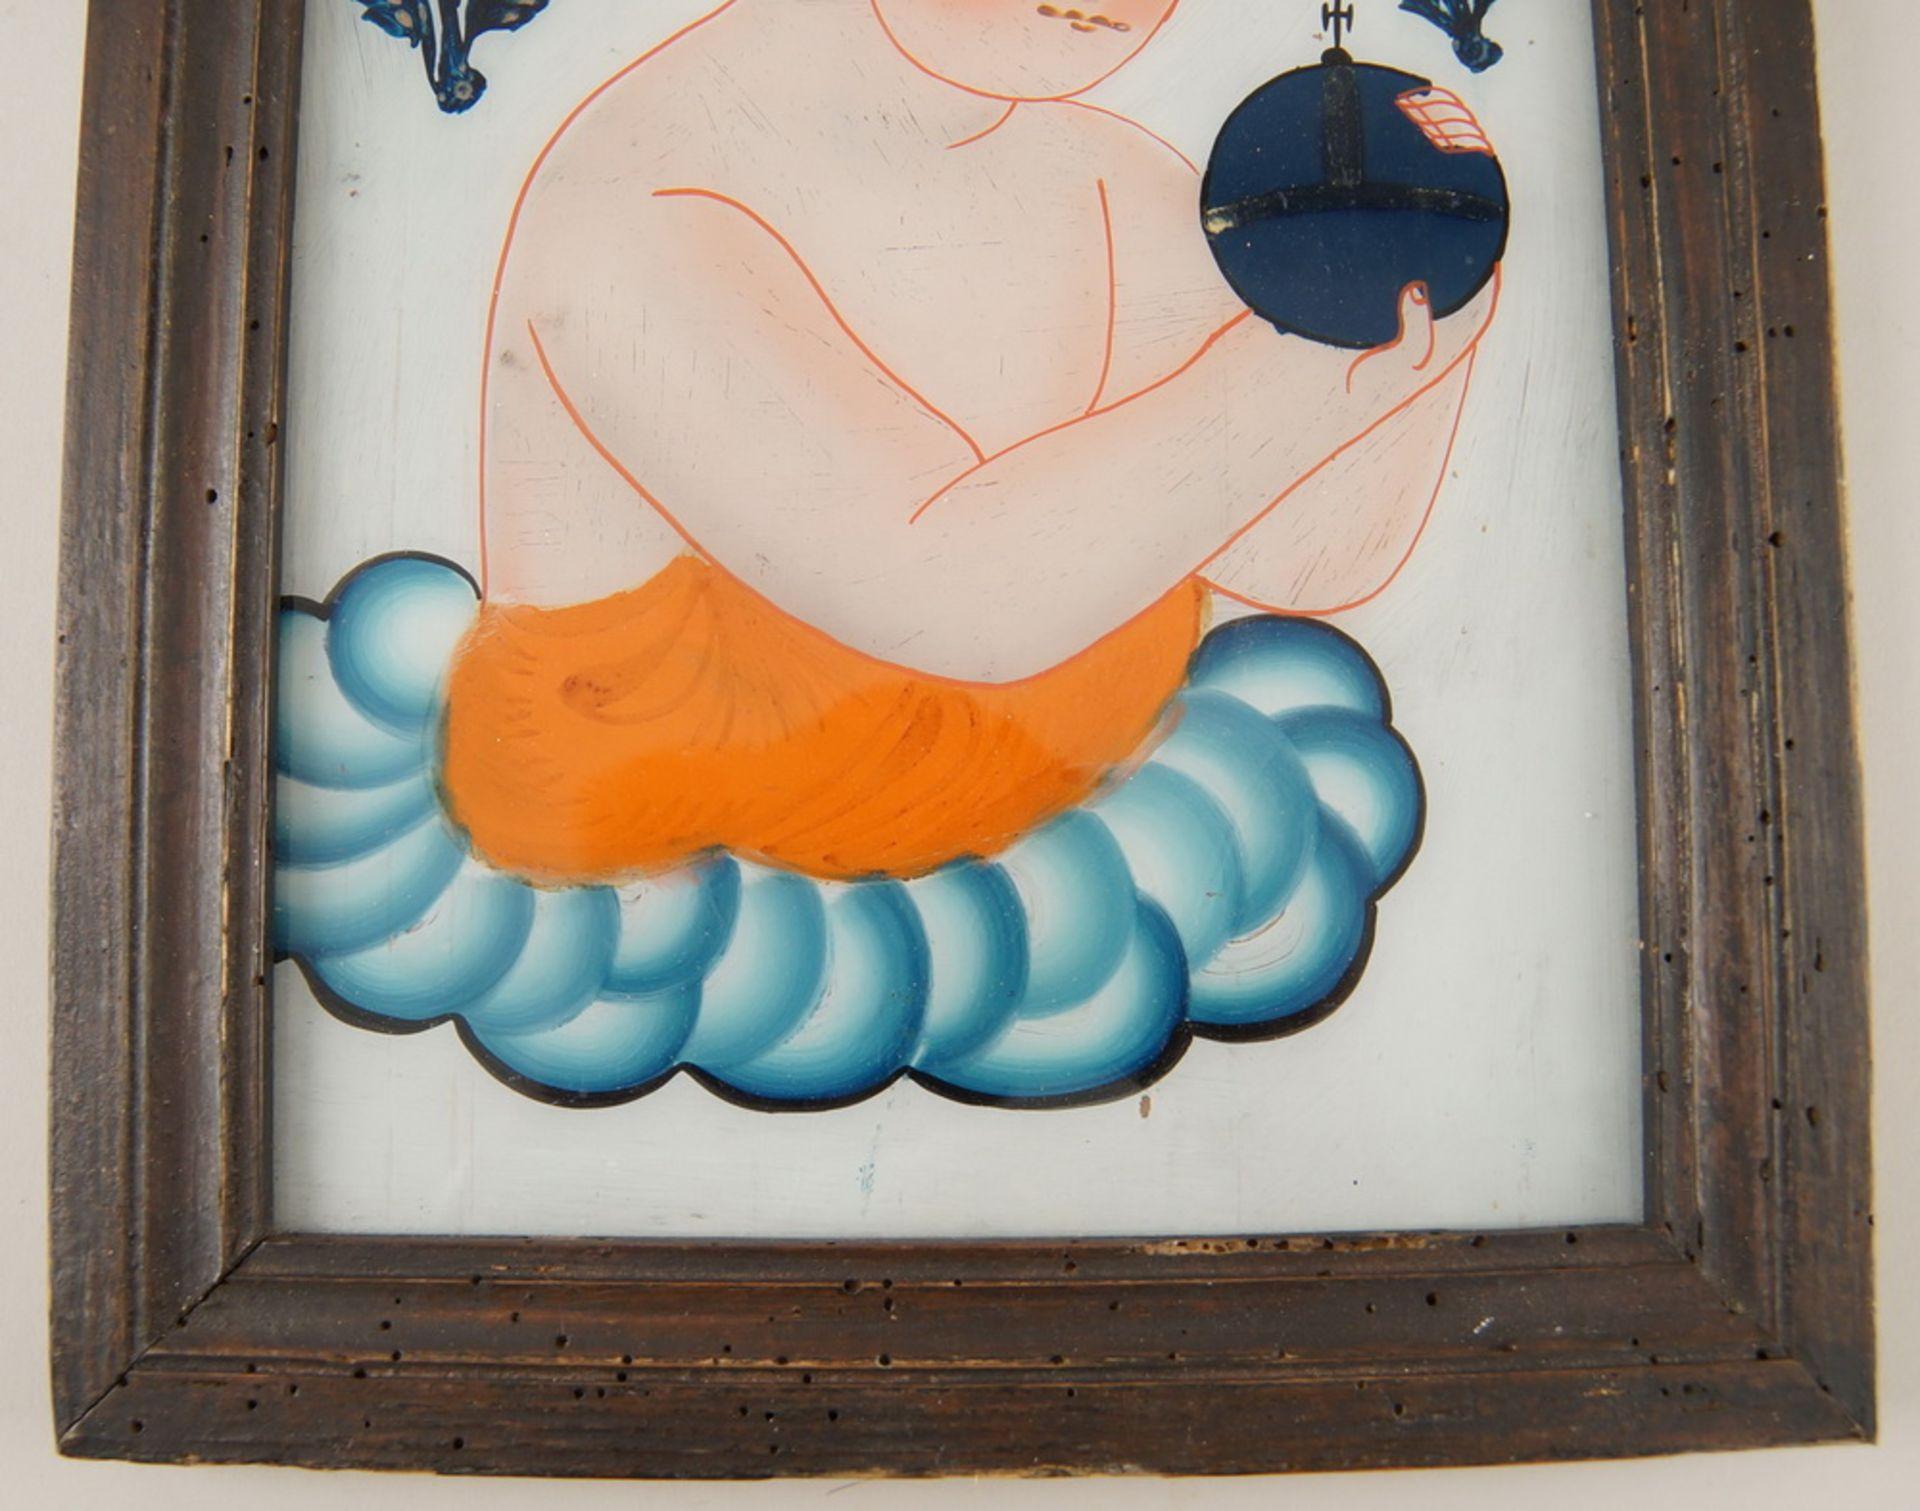 Hinterglasbild / Hinterglasmalerei, Jesuskind, mit Holzrahmen, 30,5x22,5cm - Bild 3 aus 5